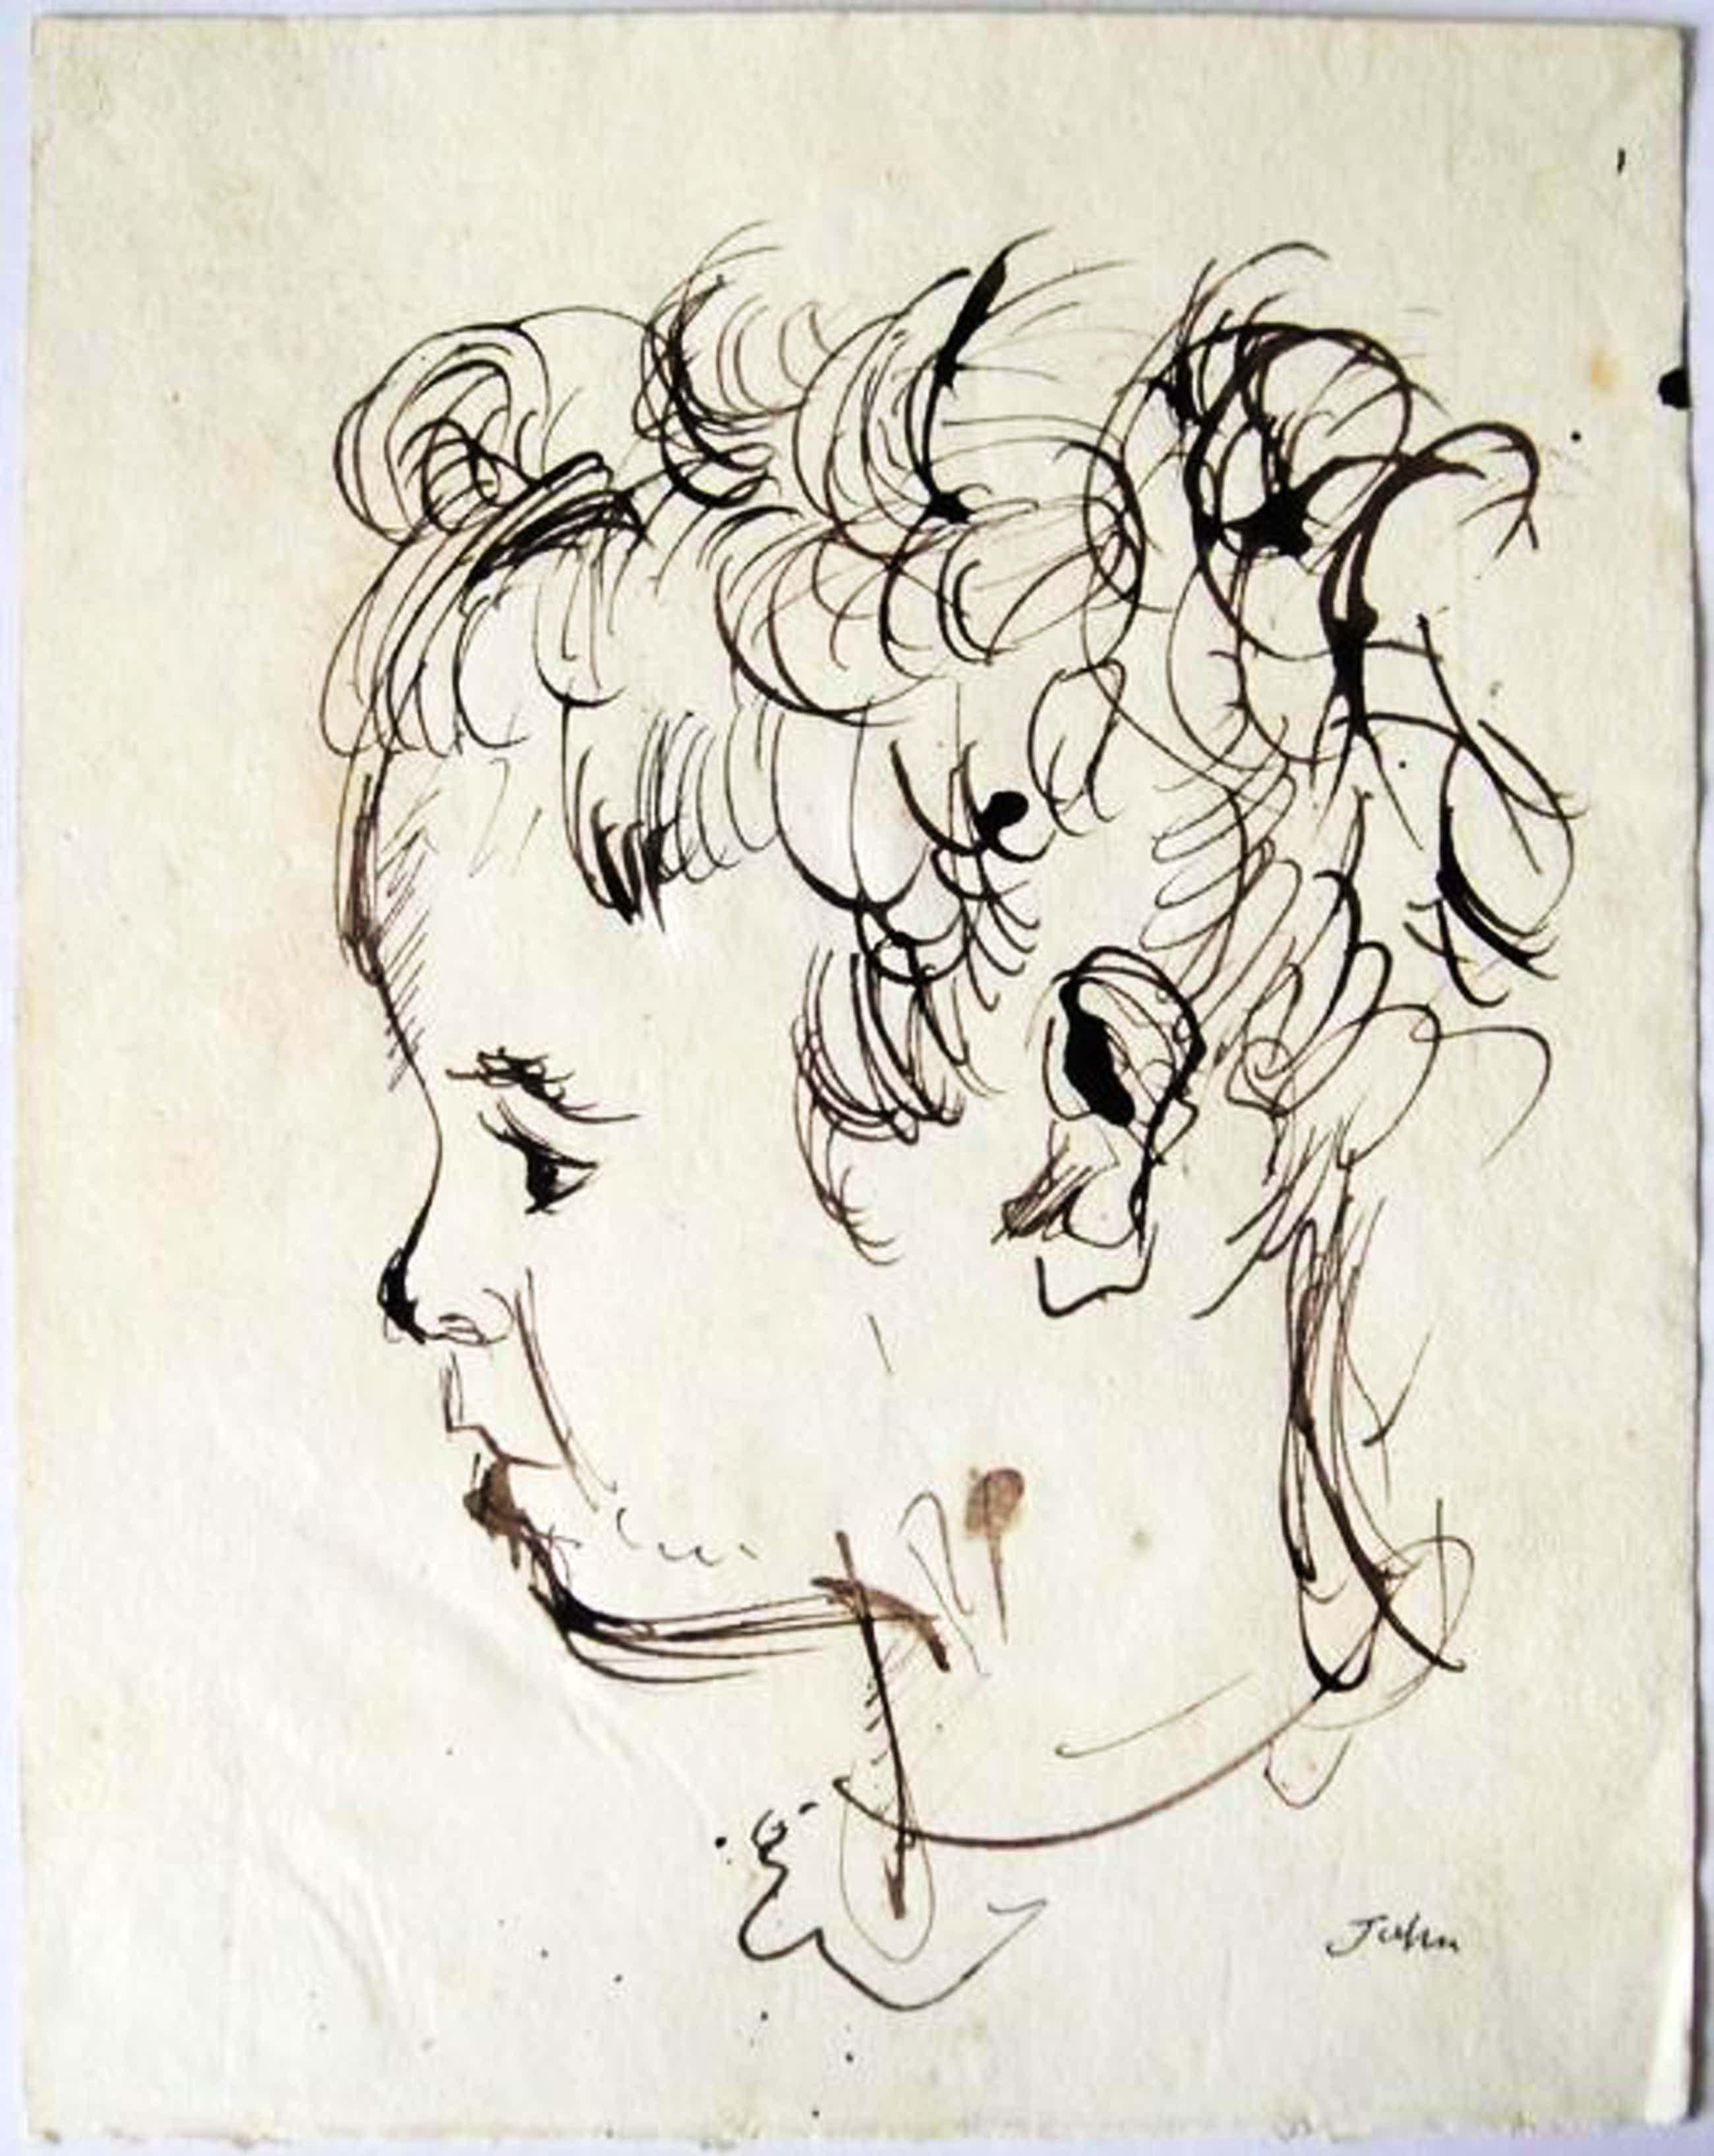 John Augustus - Mädchen Portrait - Originale Tuschezeichnung - Handsigniert kopen? Bied vanaf 290!